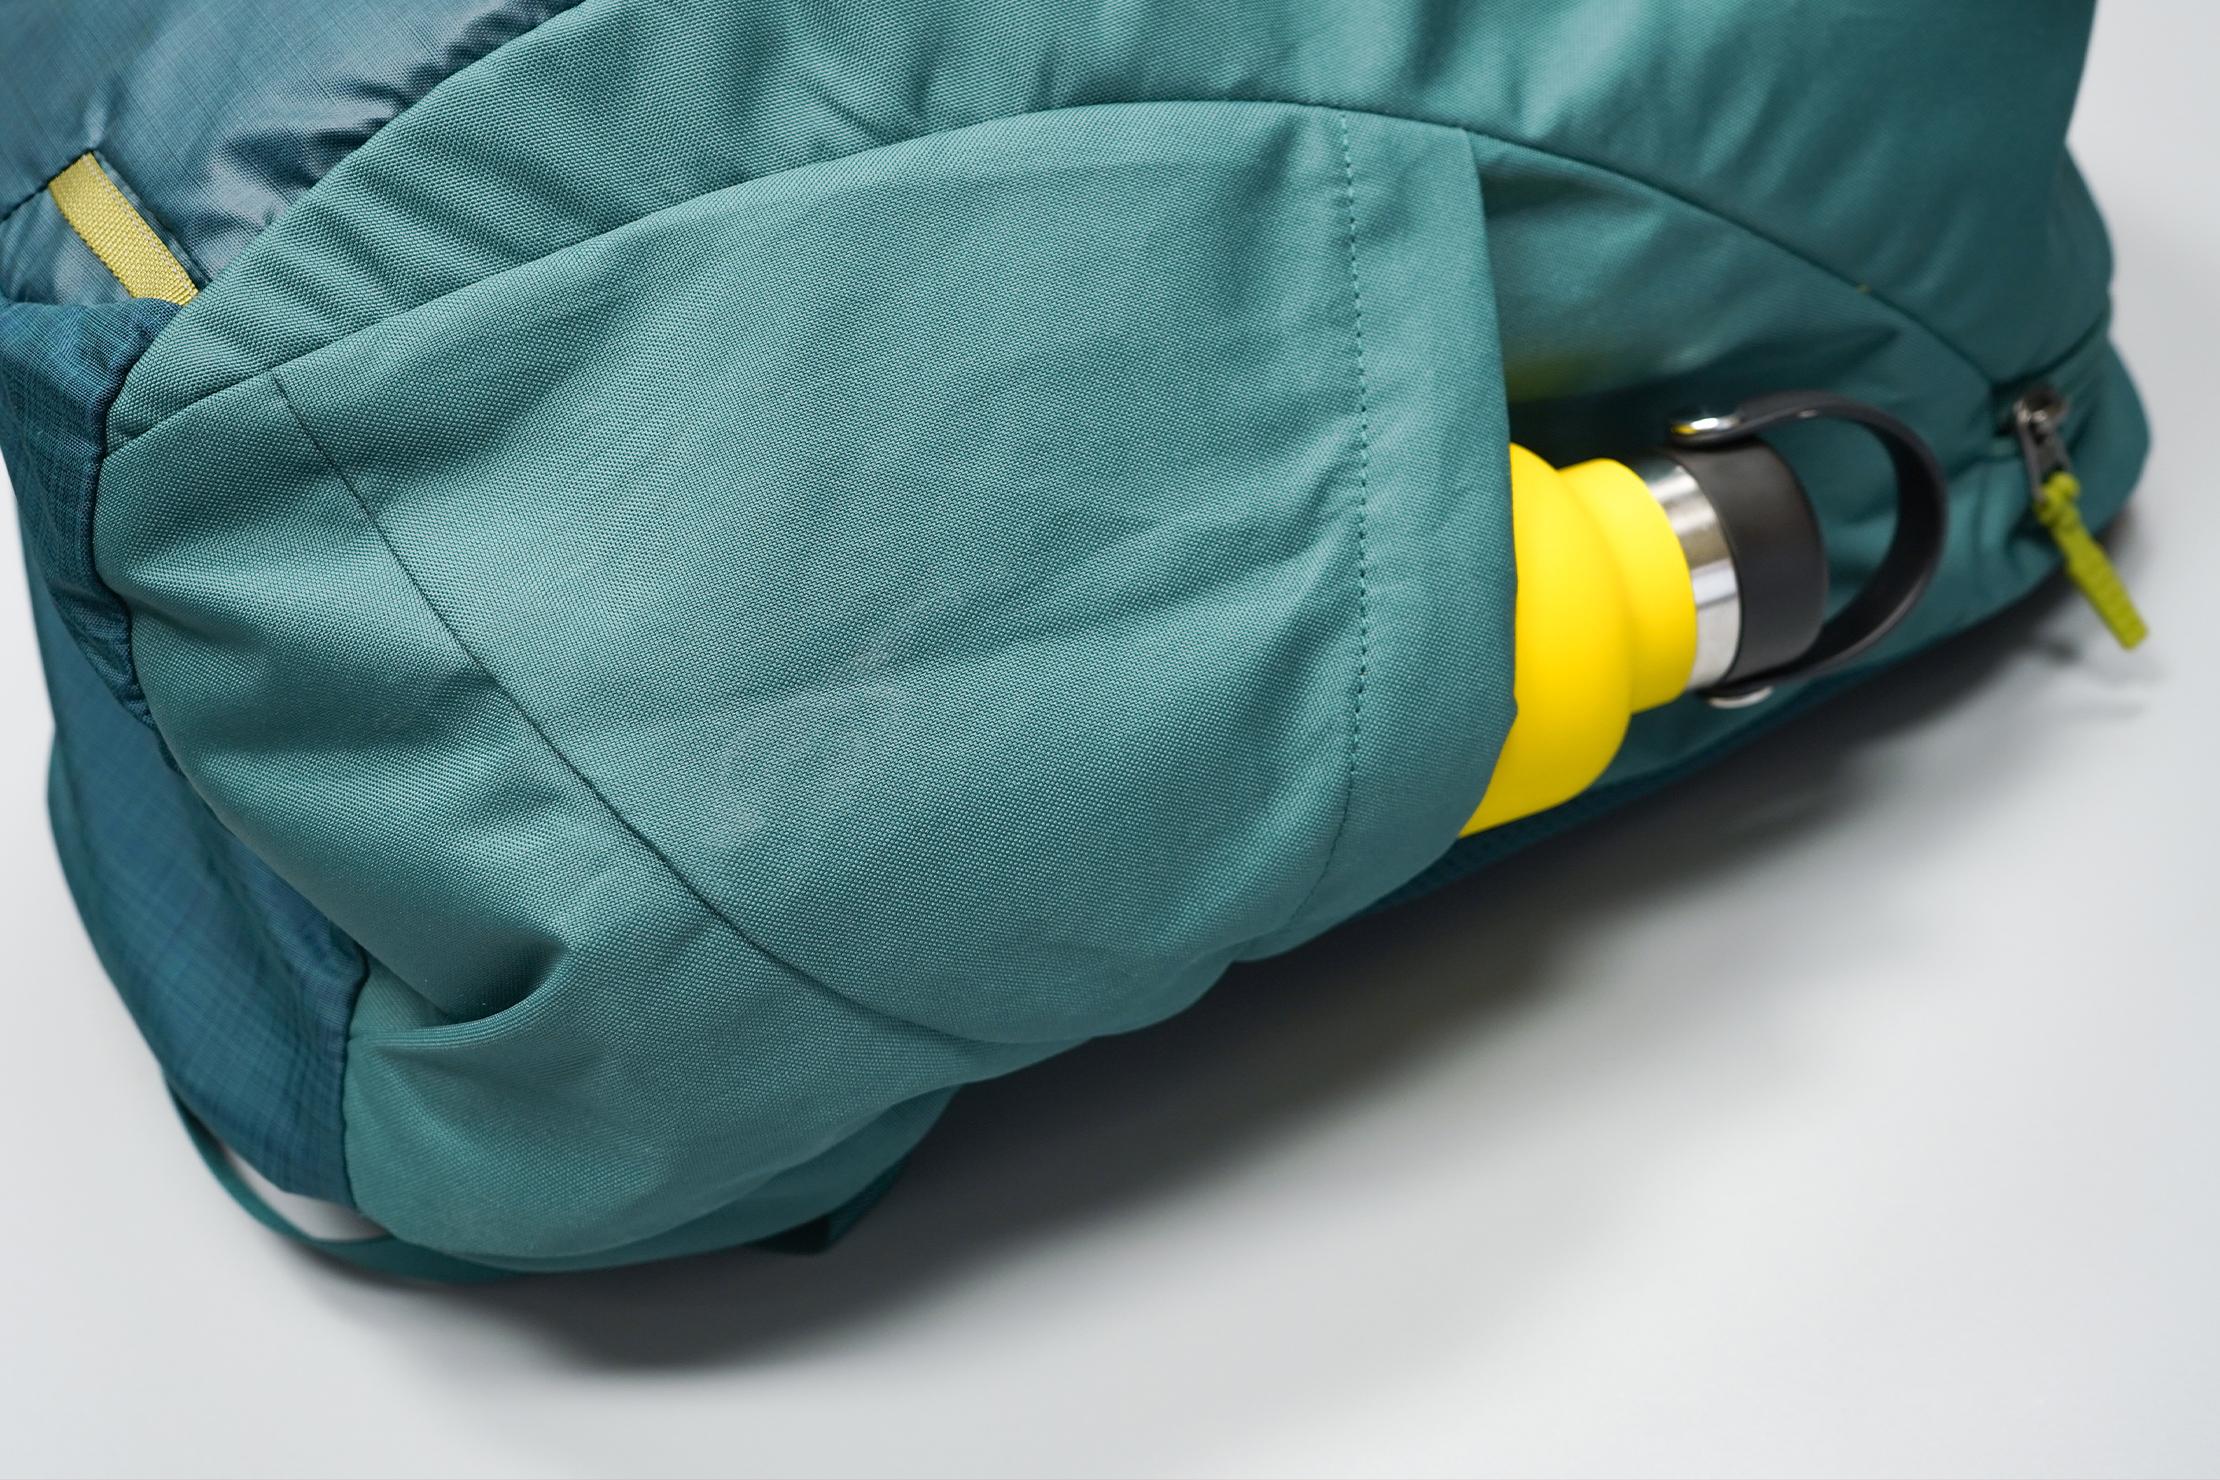 Gregory Resin 26 Backpack Water Bottle Pocket